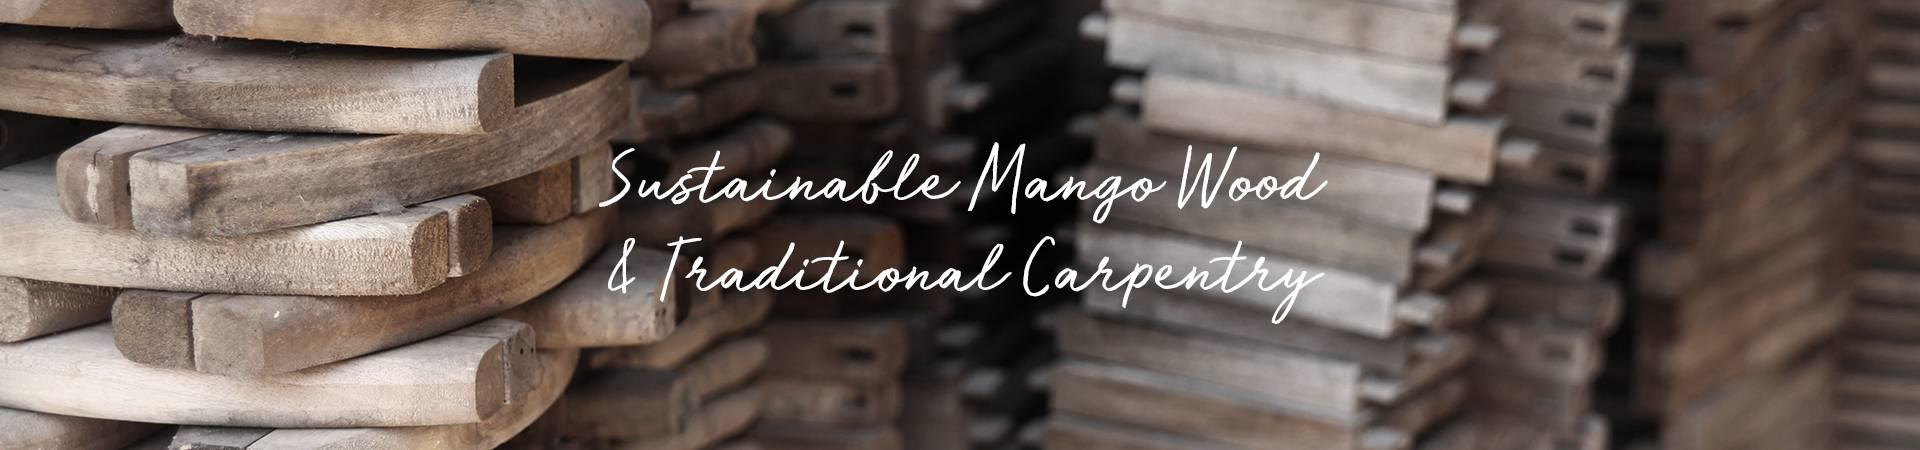 Nkuku_Sustainable-Mango-Wood_Header_Desktop.jpg